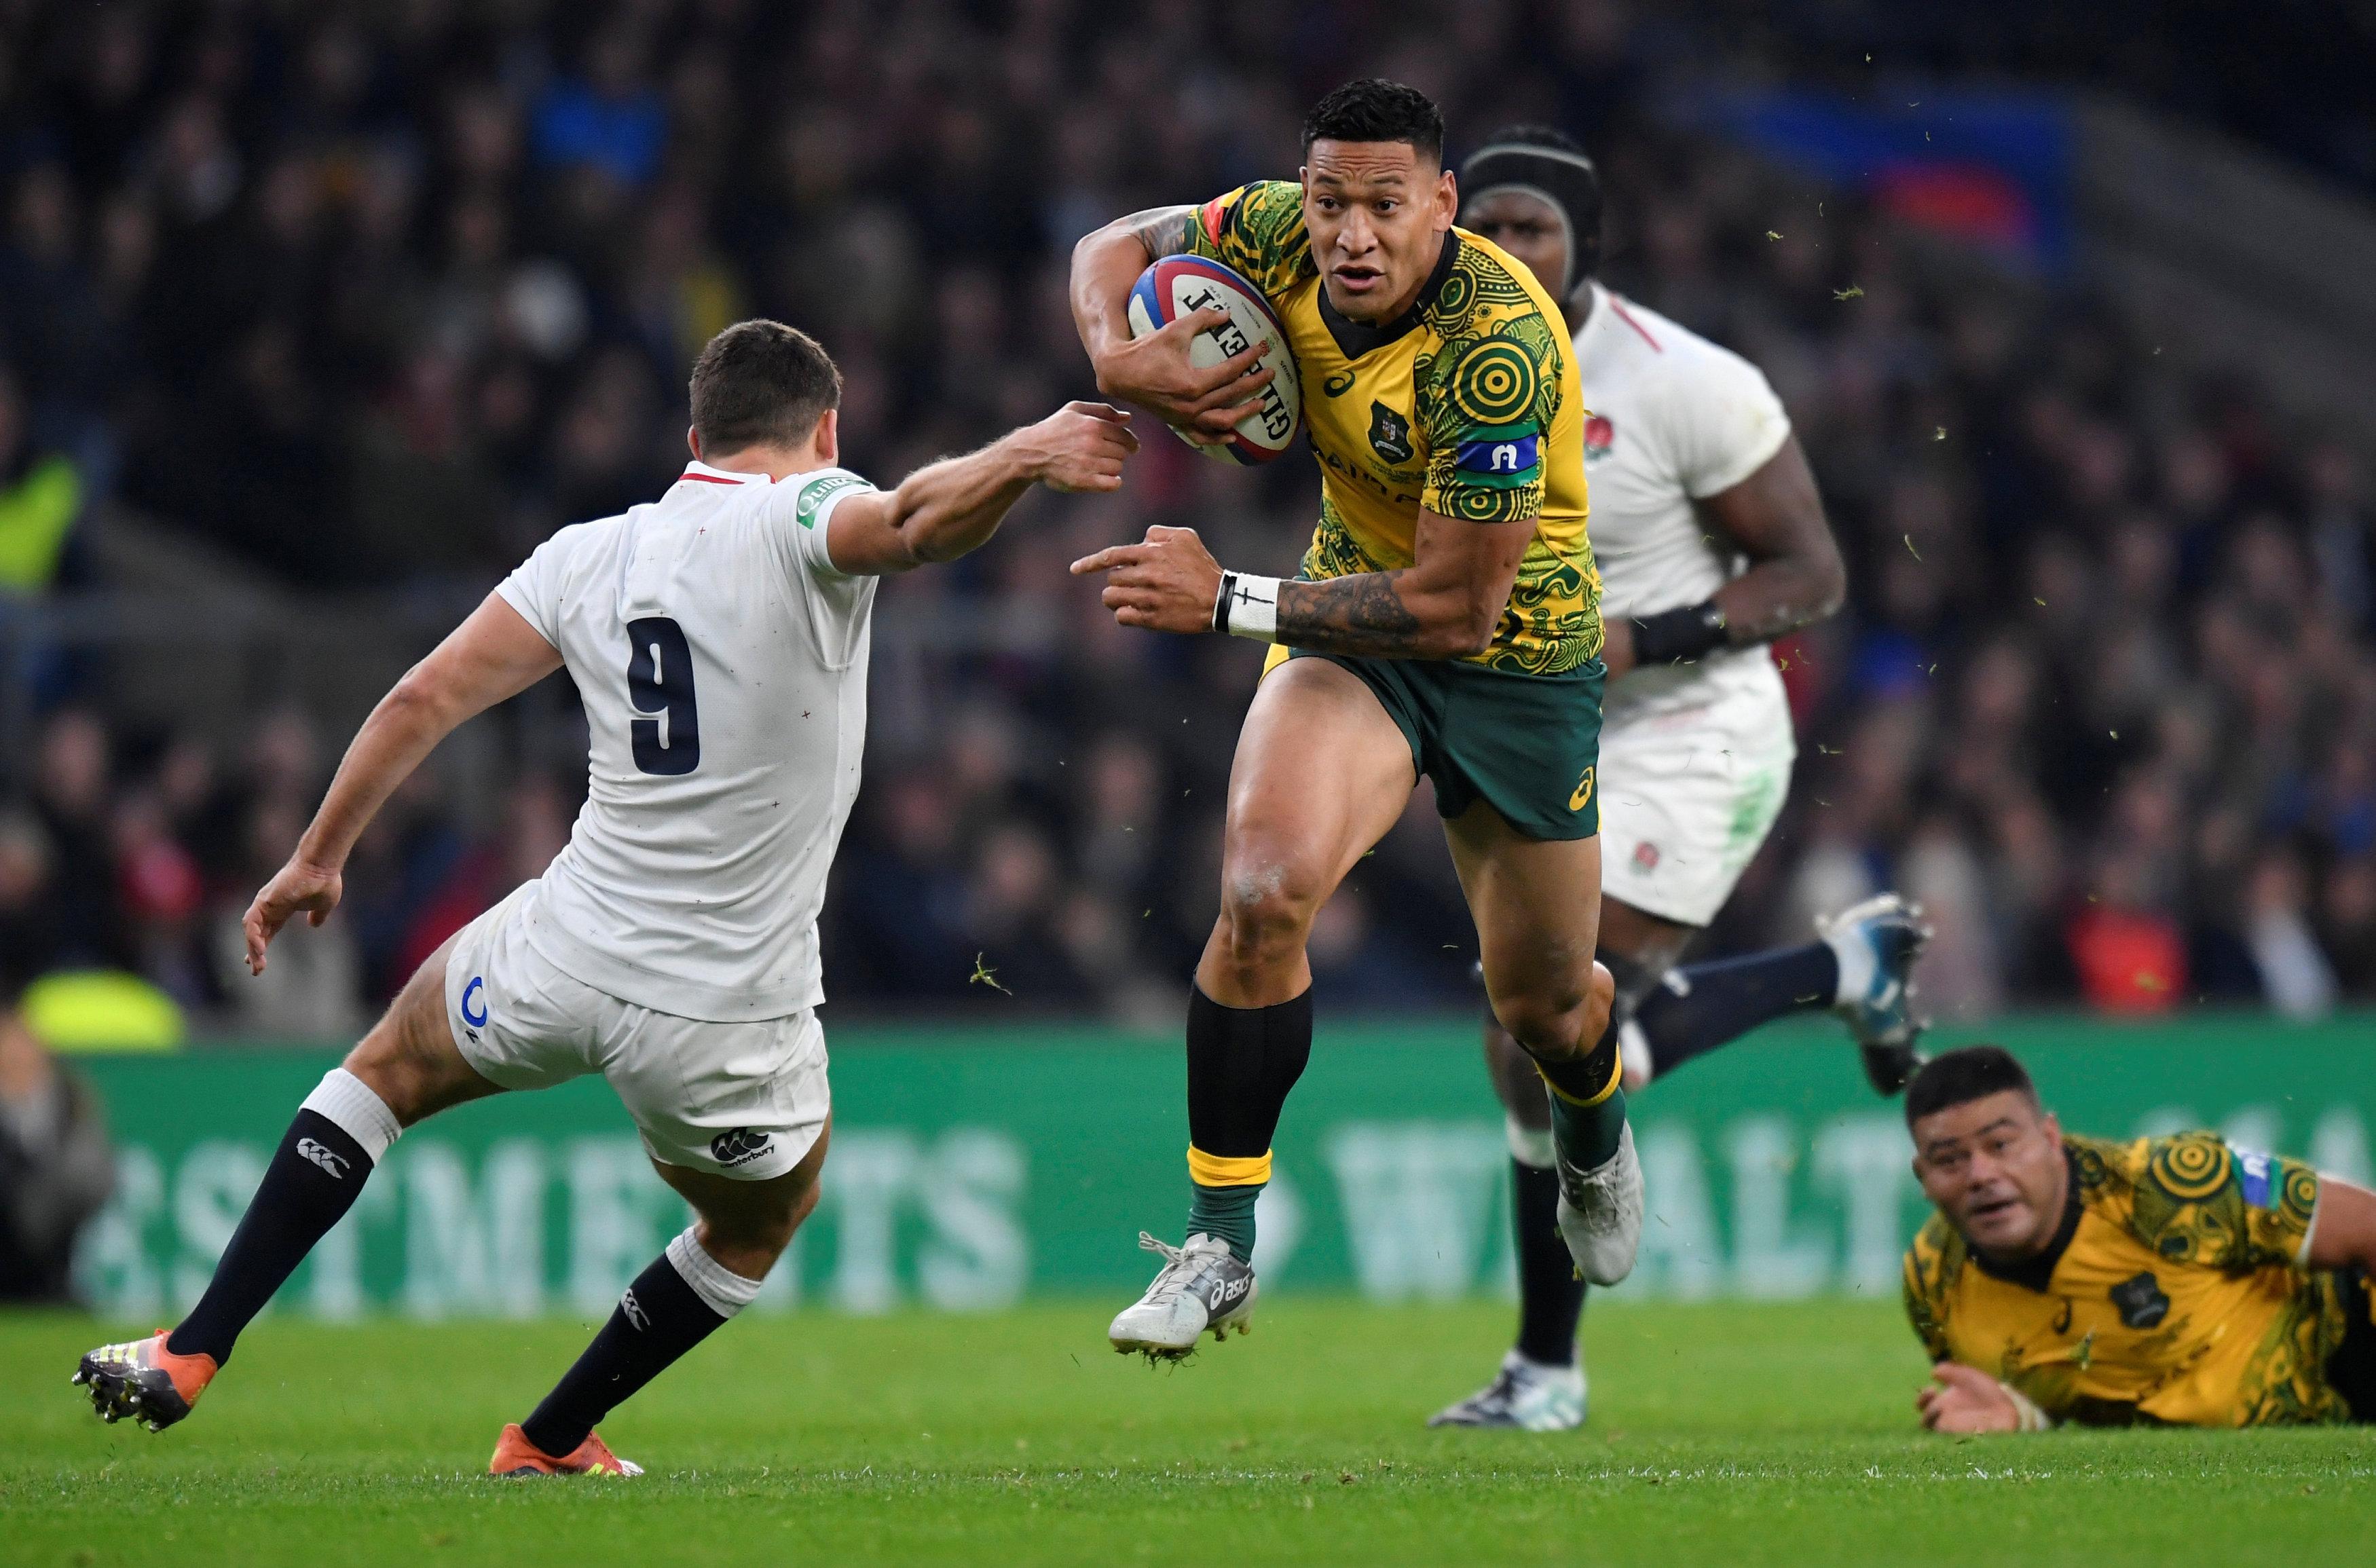 Rugby - Affaire Folau : le rugby australien va étudier la question de l'expression religieuse